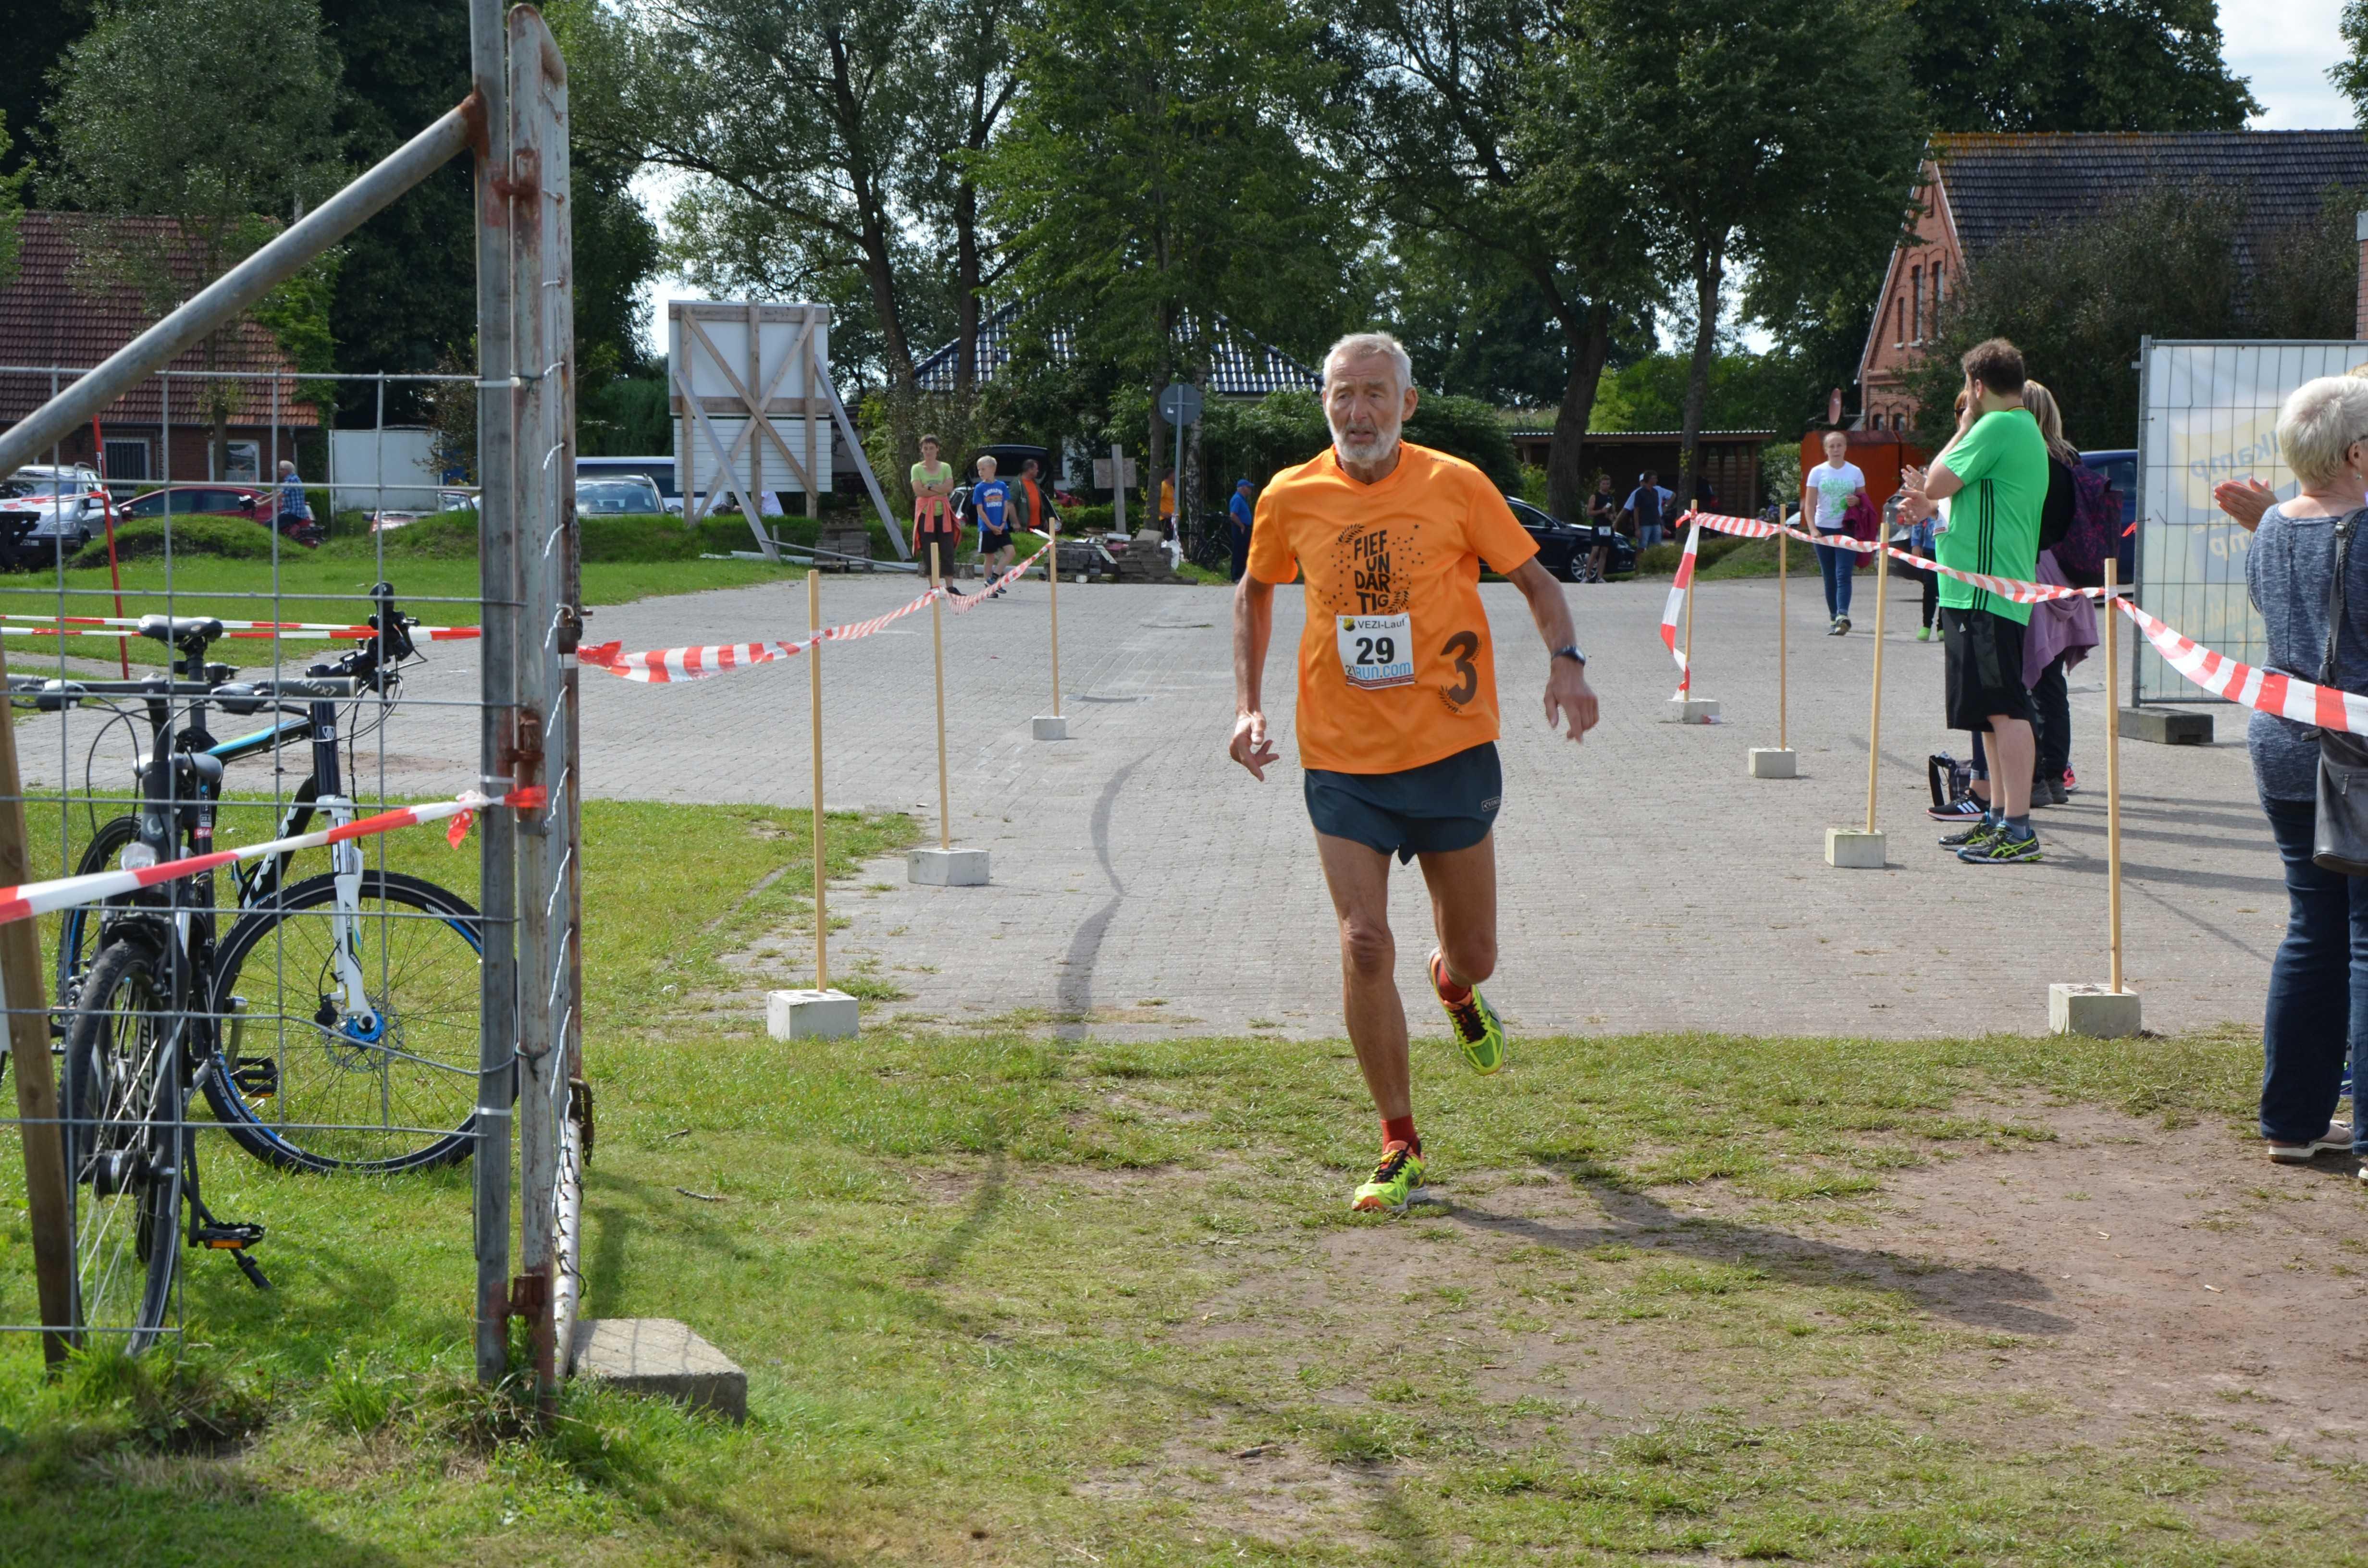 2017-08-05 Vezi Lauf (7)